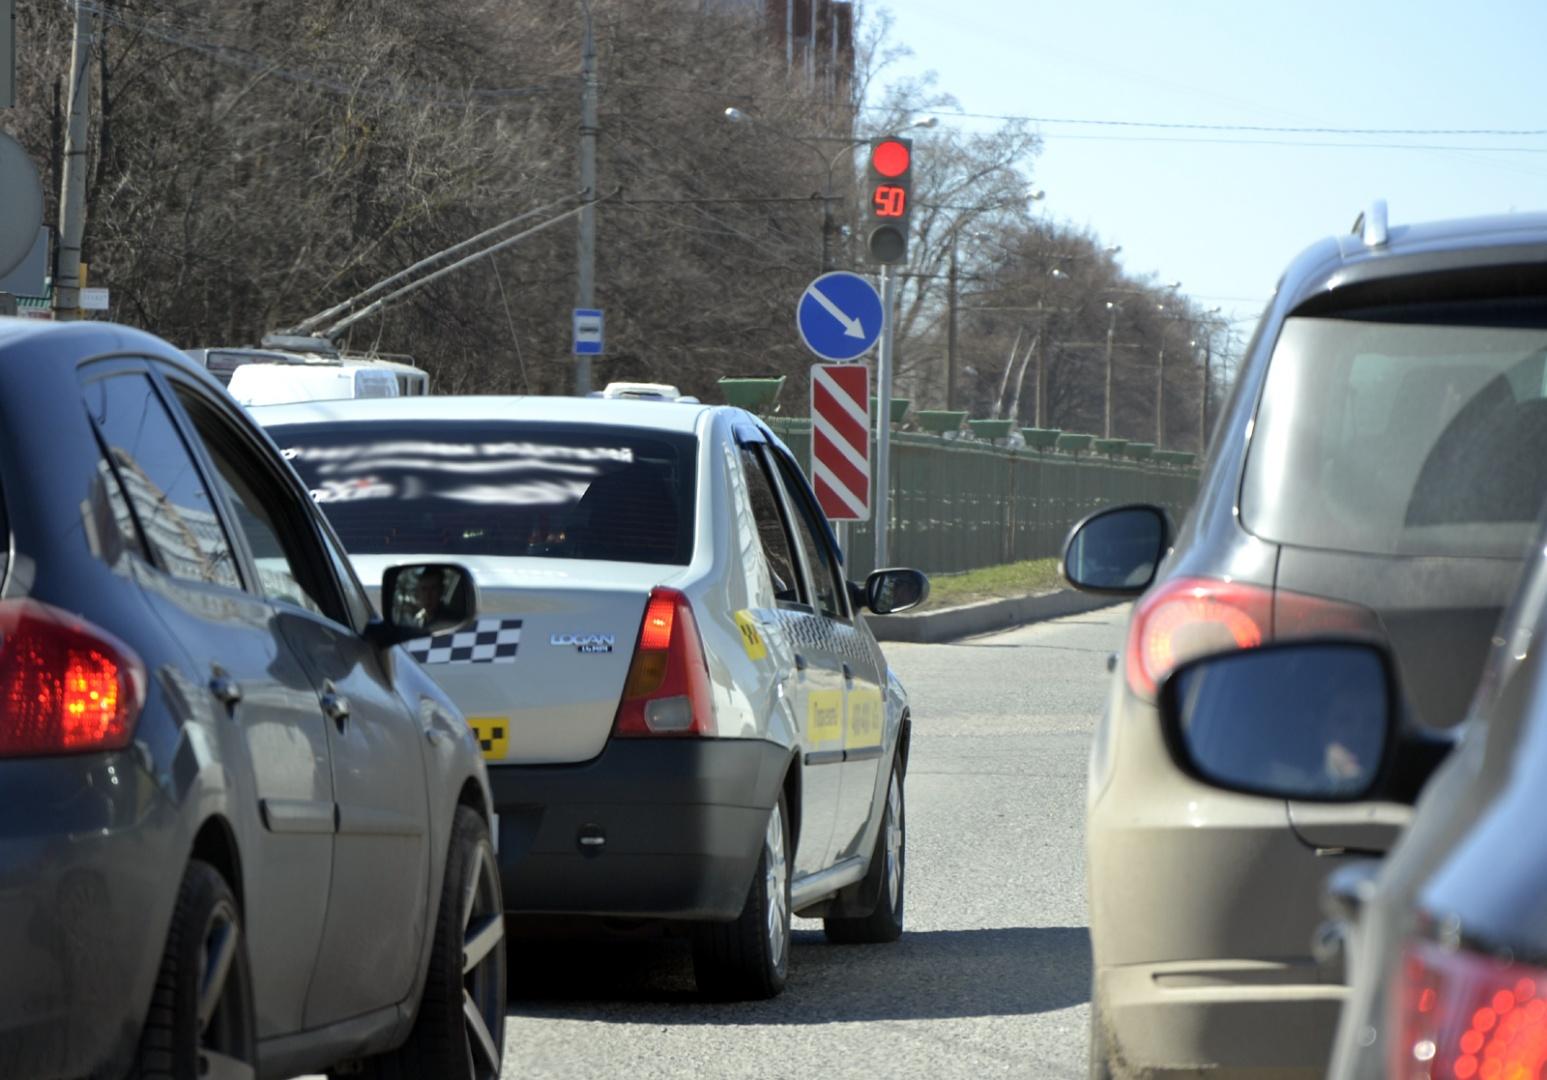 Такси в Чебоксарах: нелегальное и невостребованное